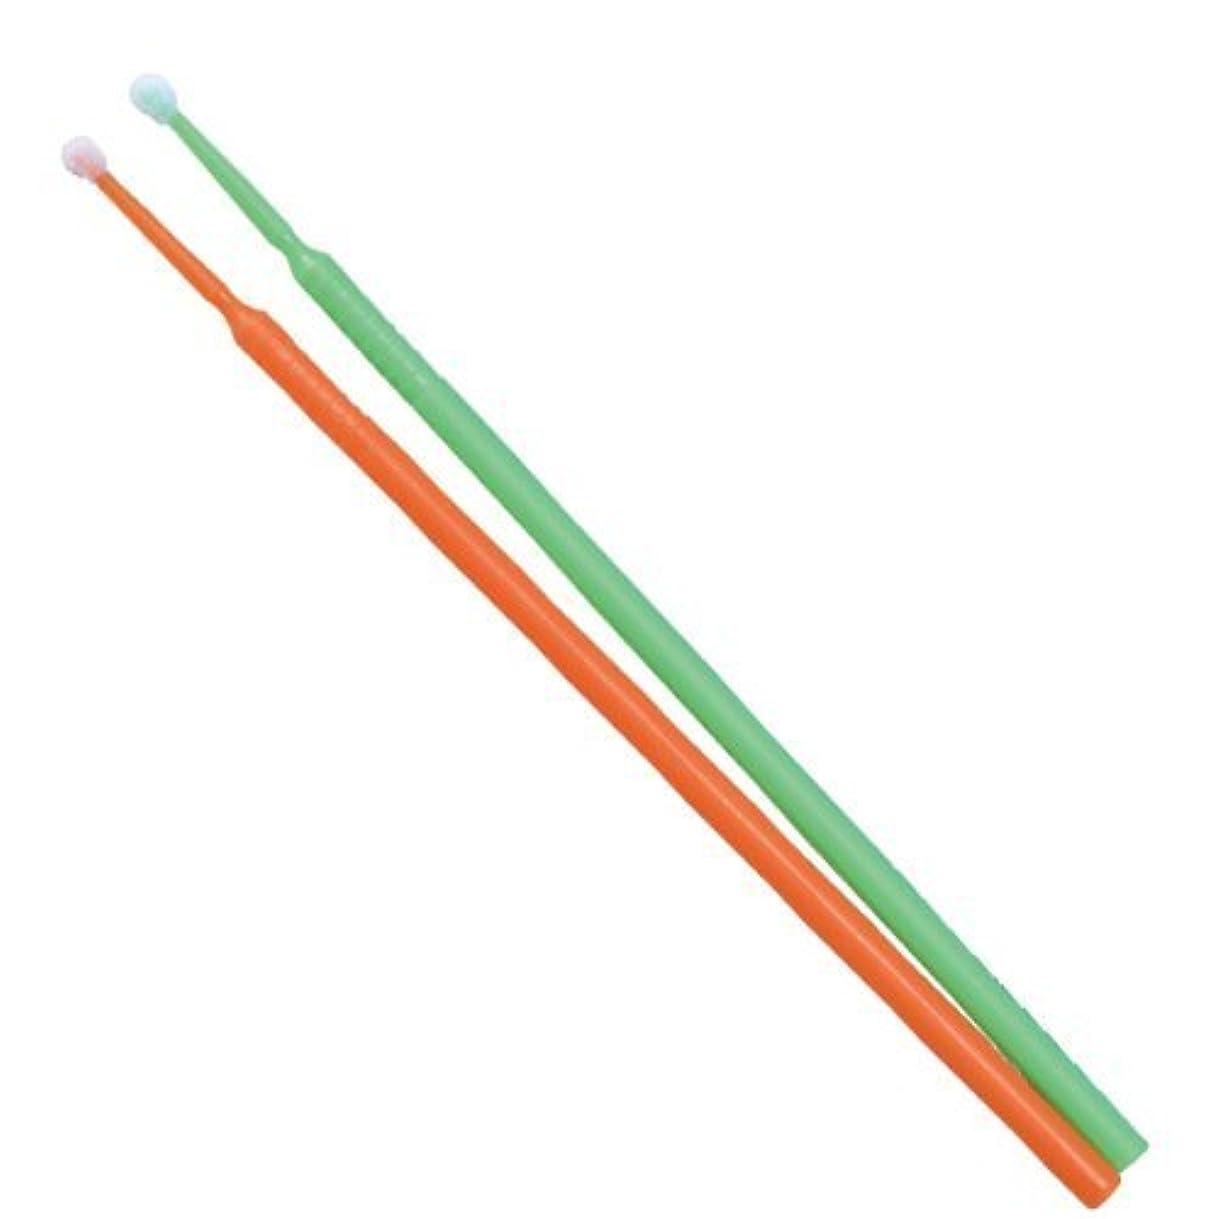 するテンポ同盟TPCアプリケーターブラシ(マイクロブラシ)レギュラーφ2.0mm 100本入り(カラー:グリーンorオレンジ)